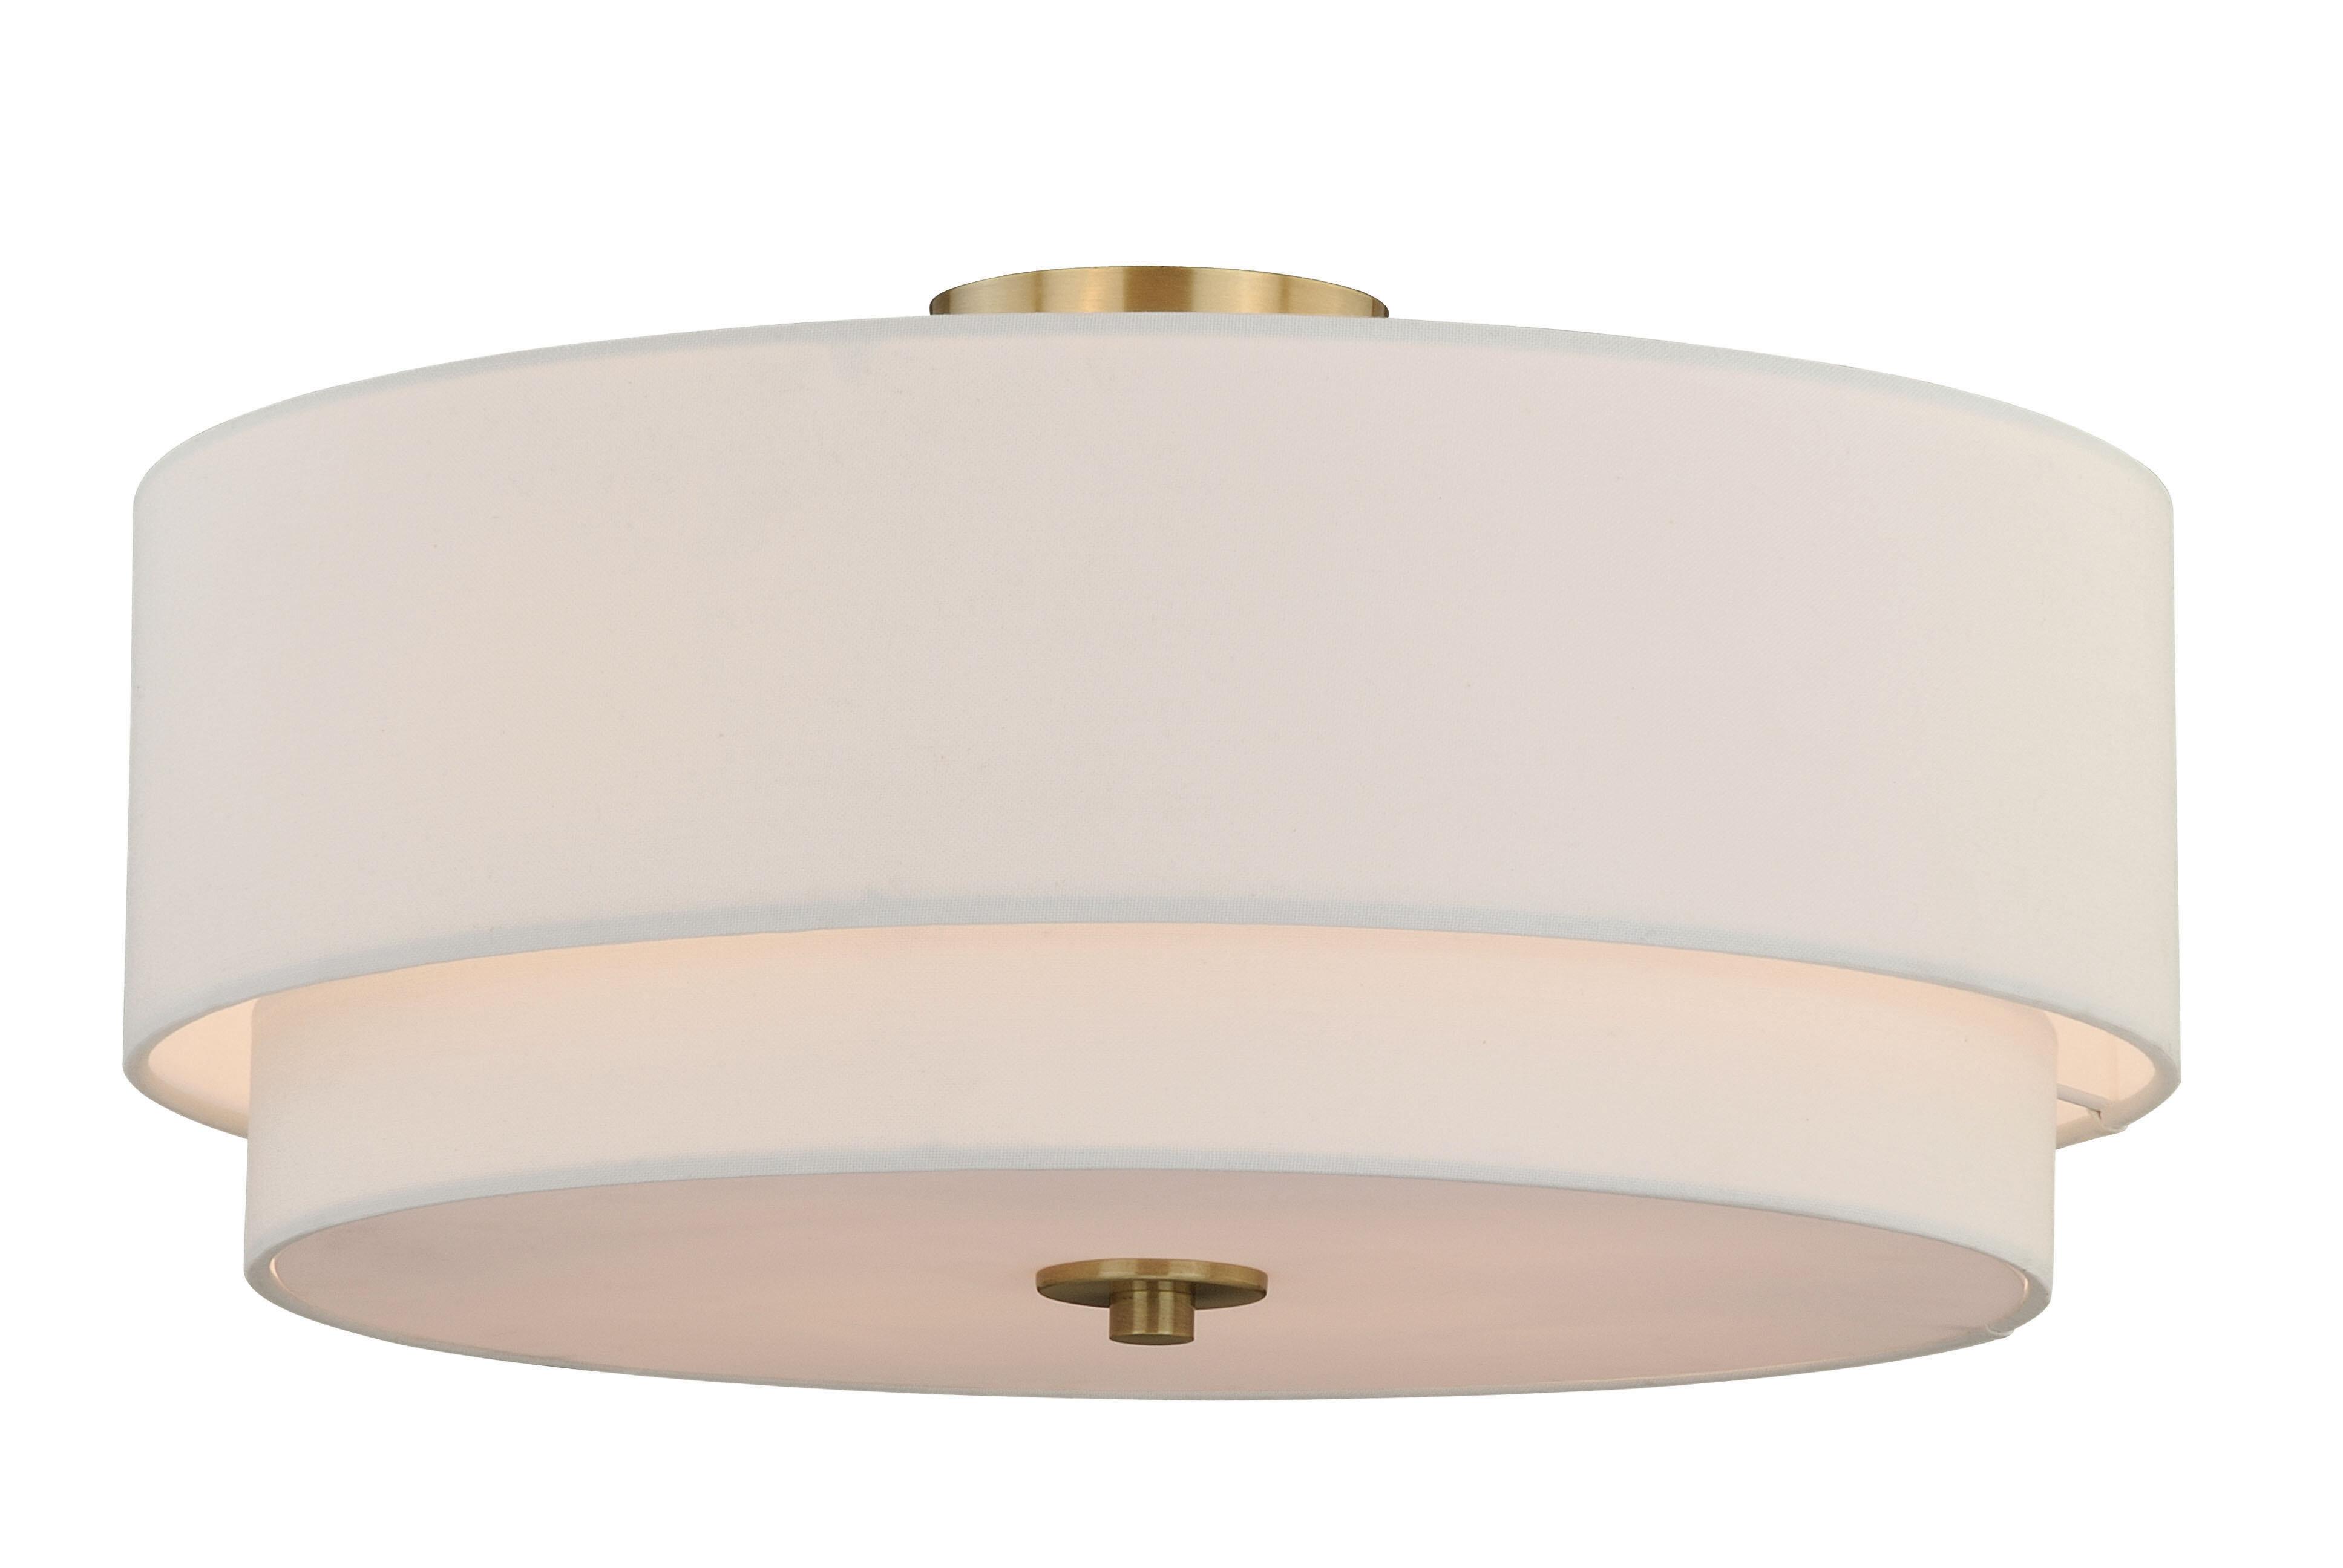 Macdonald 4 light semi flush mount